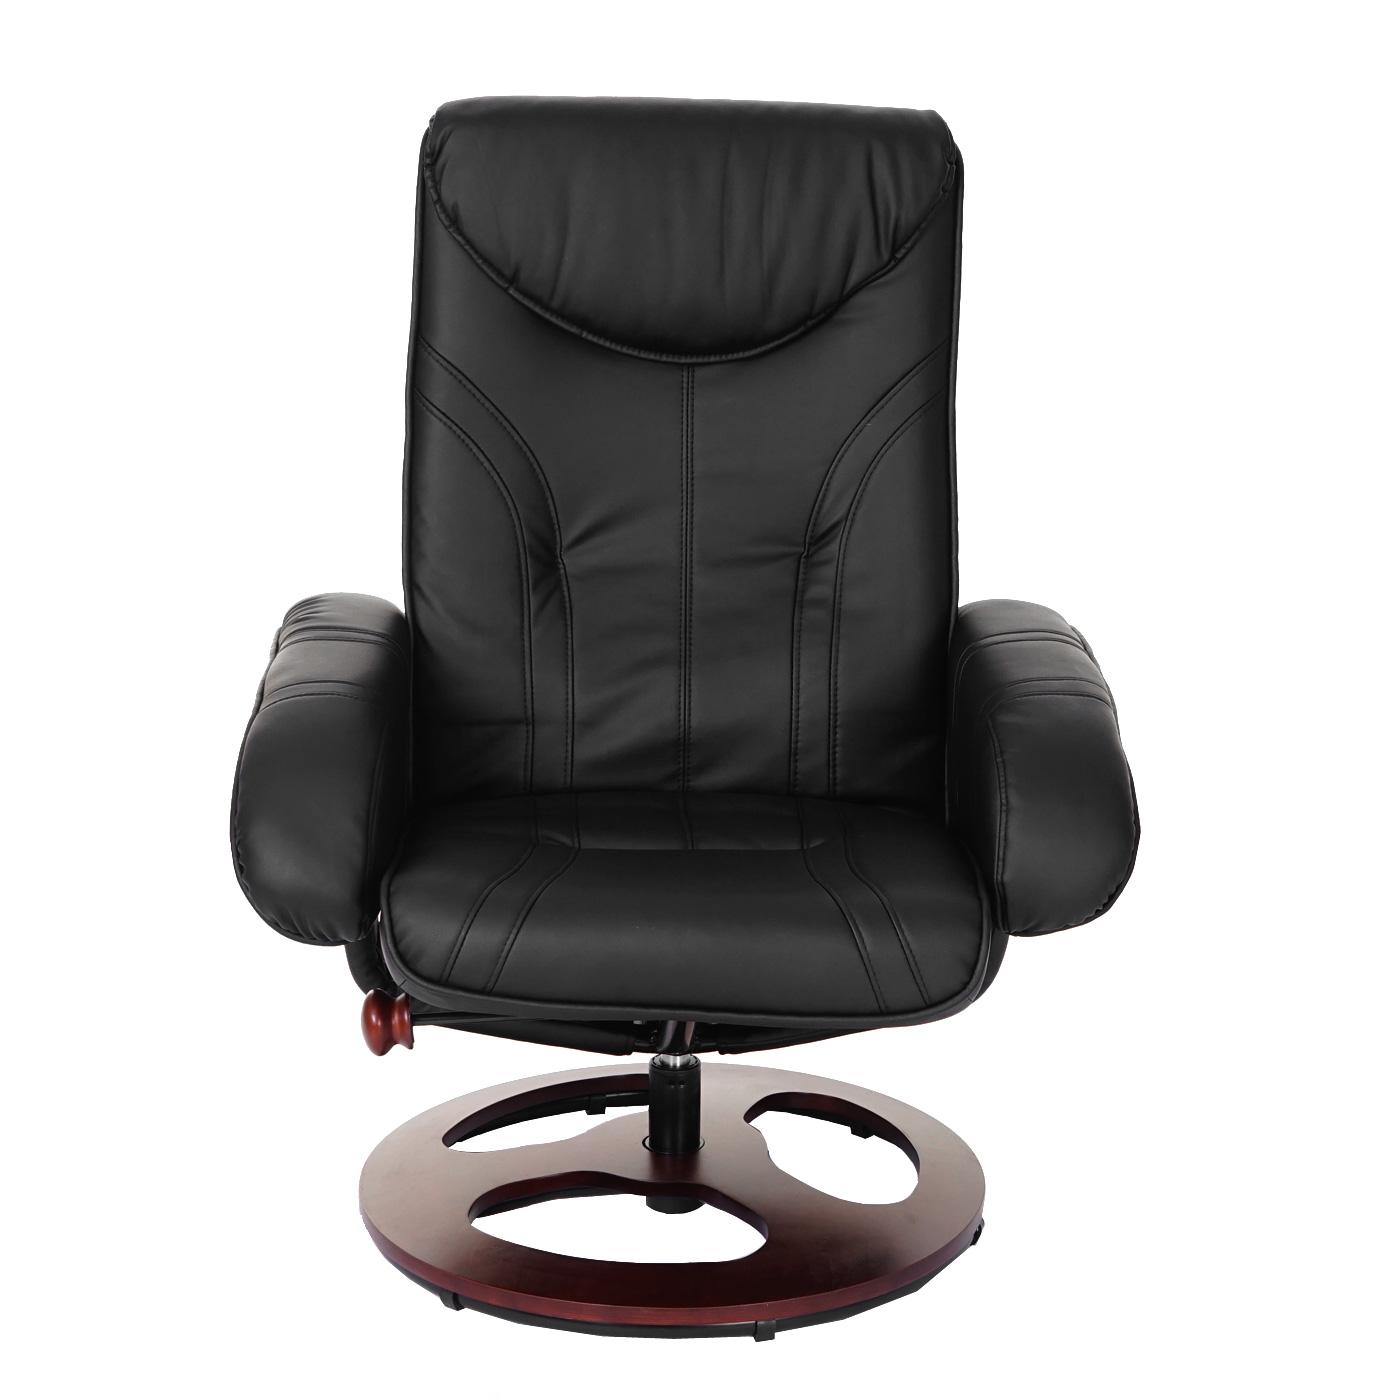 relaxsessel bury fernsehsessel sessel mit hocker kunstleder schwarz ebay. Black Bedroom Furniture Sets. Home Design Ideas